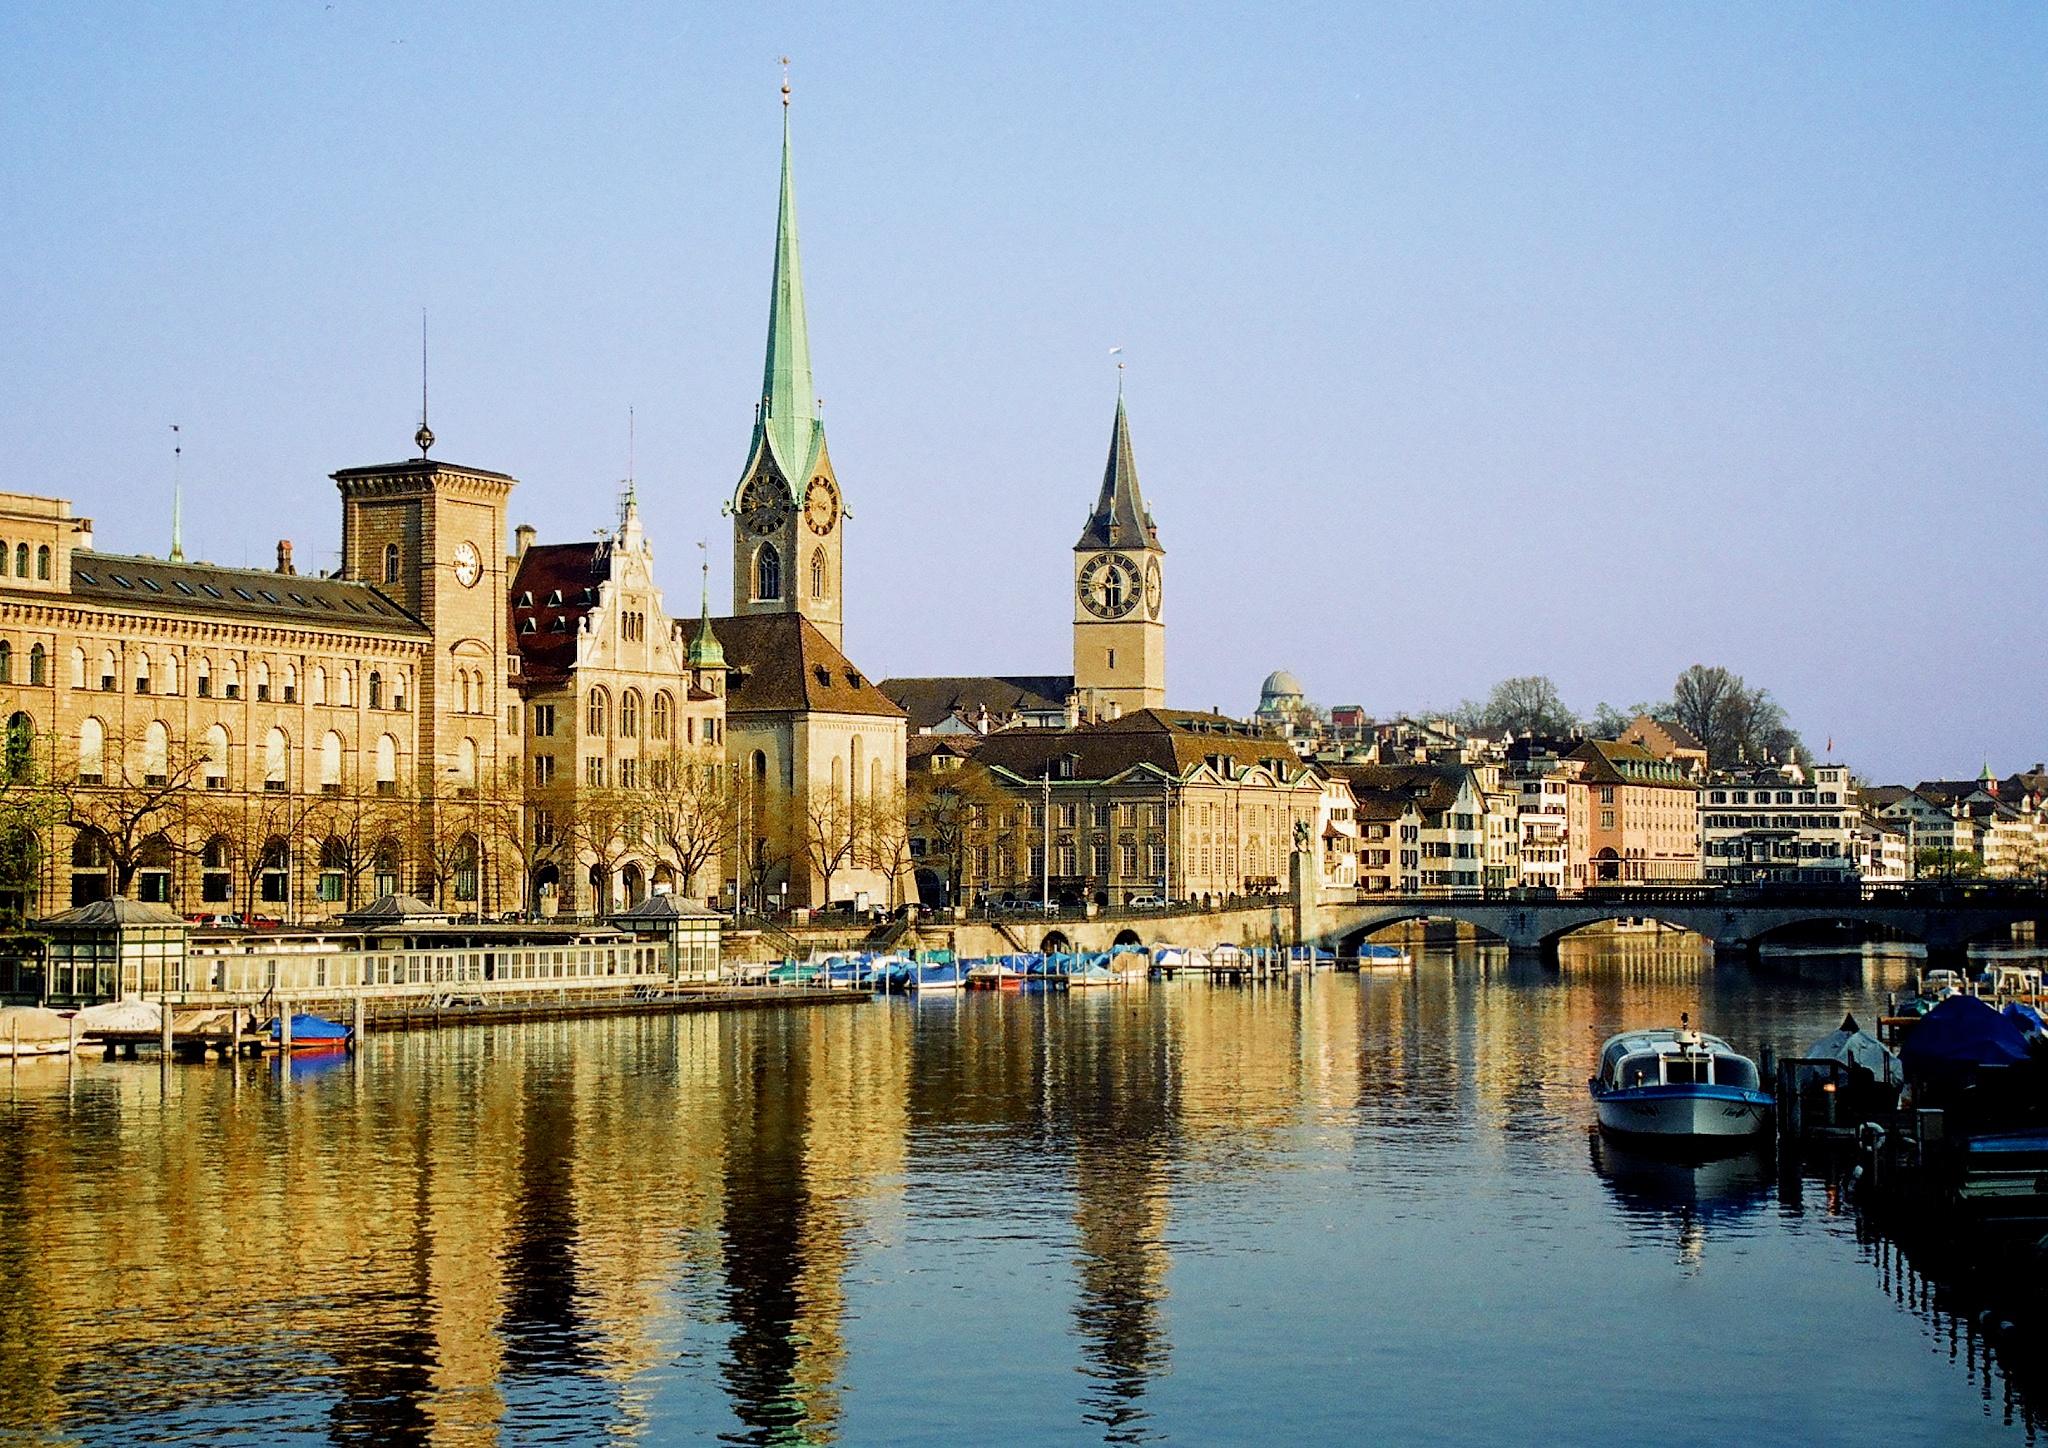 Lake Zurich | After